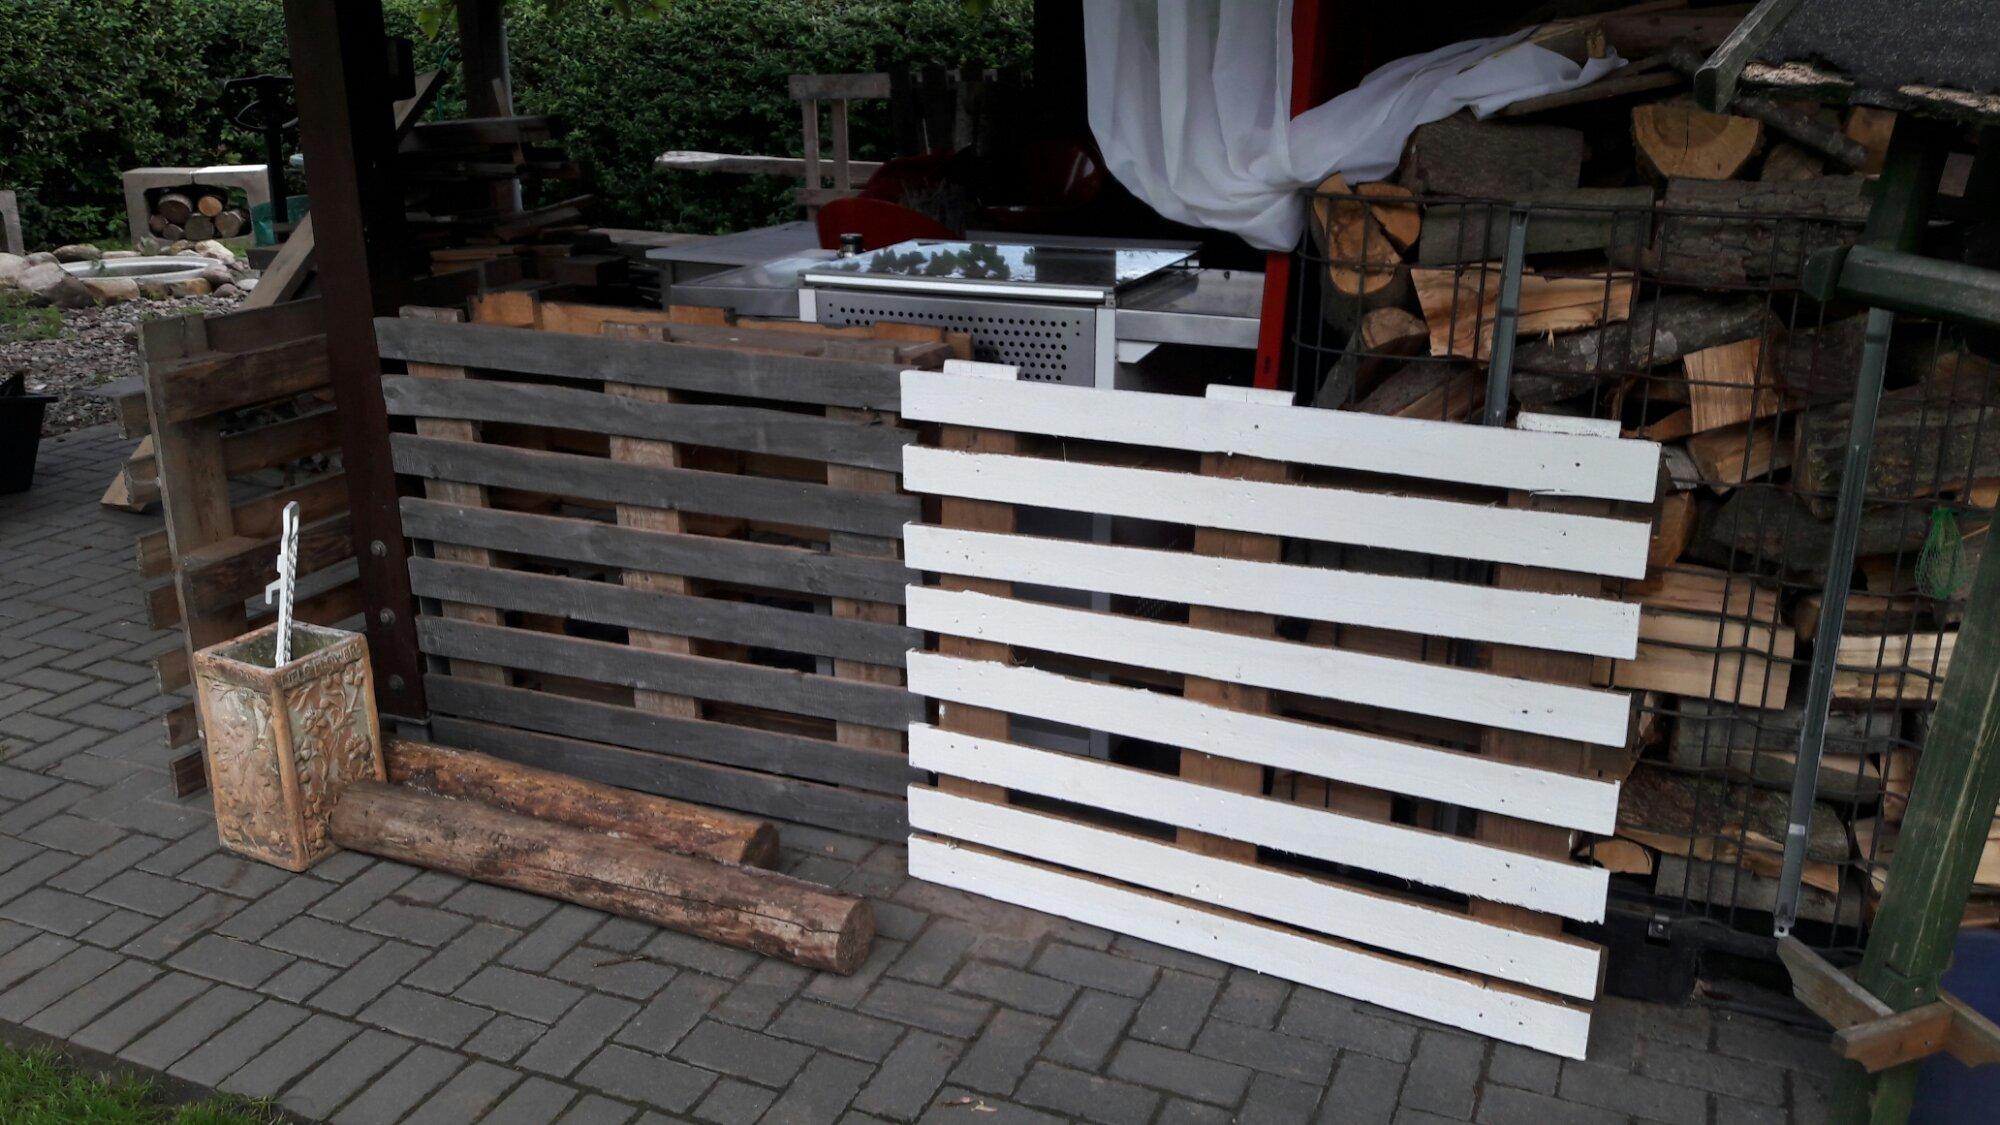 Outdoor Küche Aus Paletten Bauen : Outdoorküche grillplatz